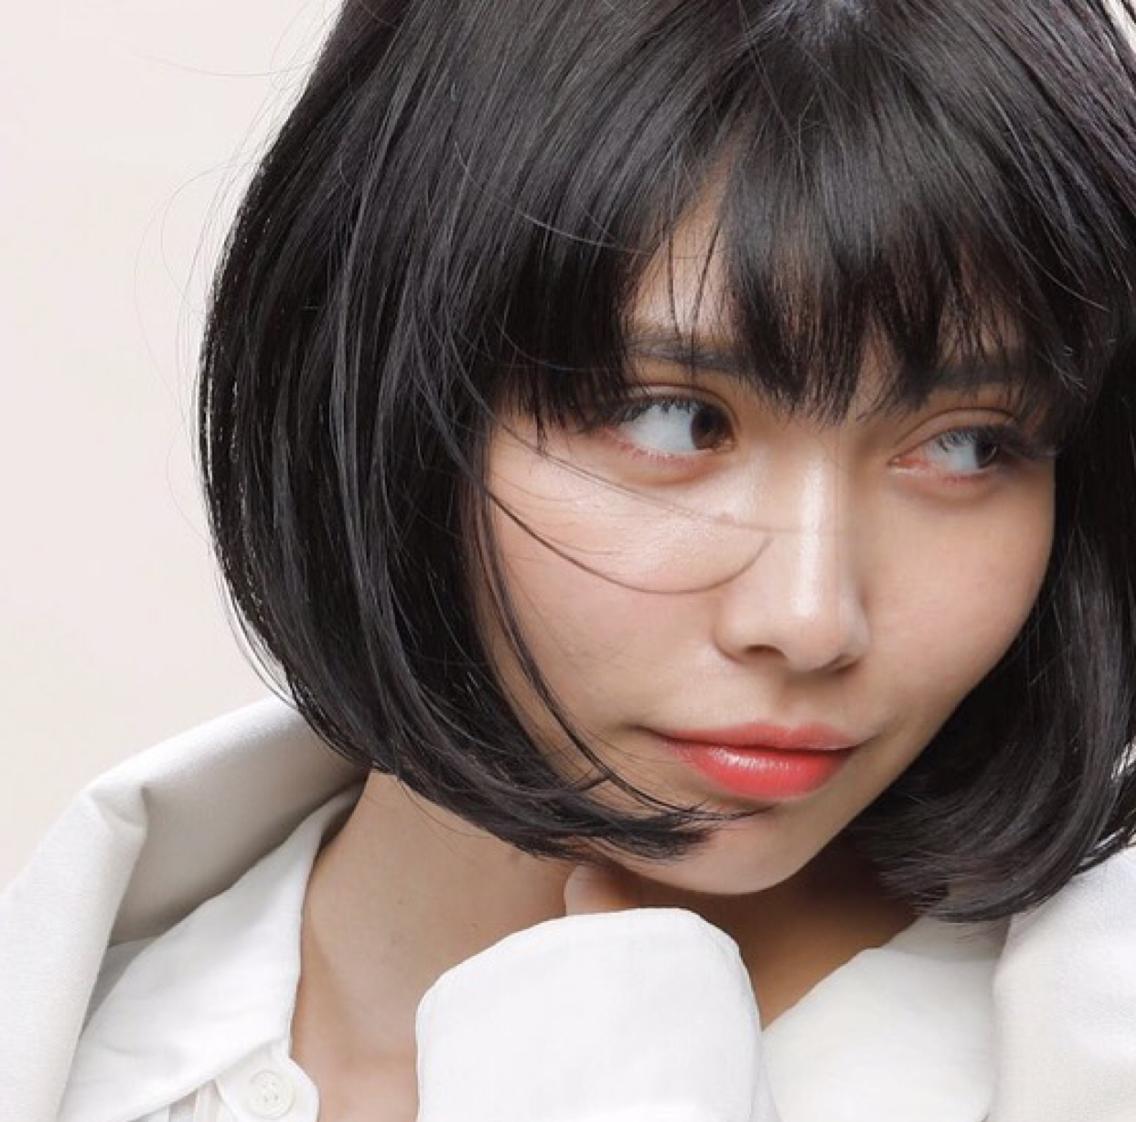 名古屋 栄 カラーモデル 募集中!!7月募集中✨